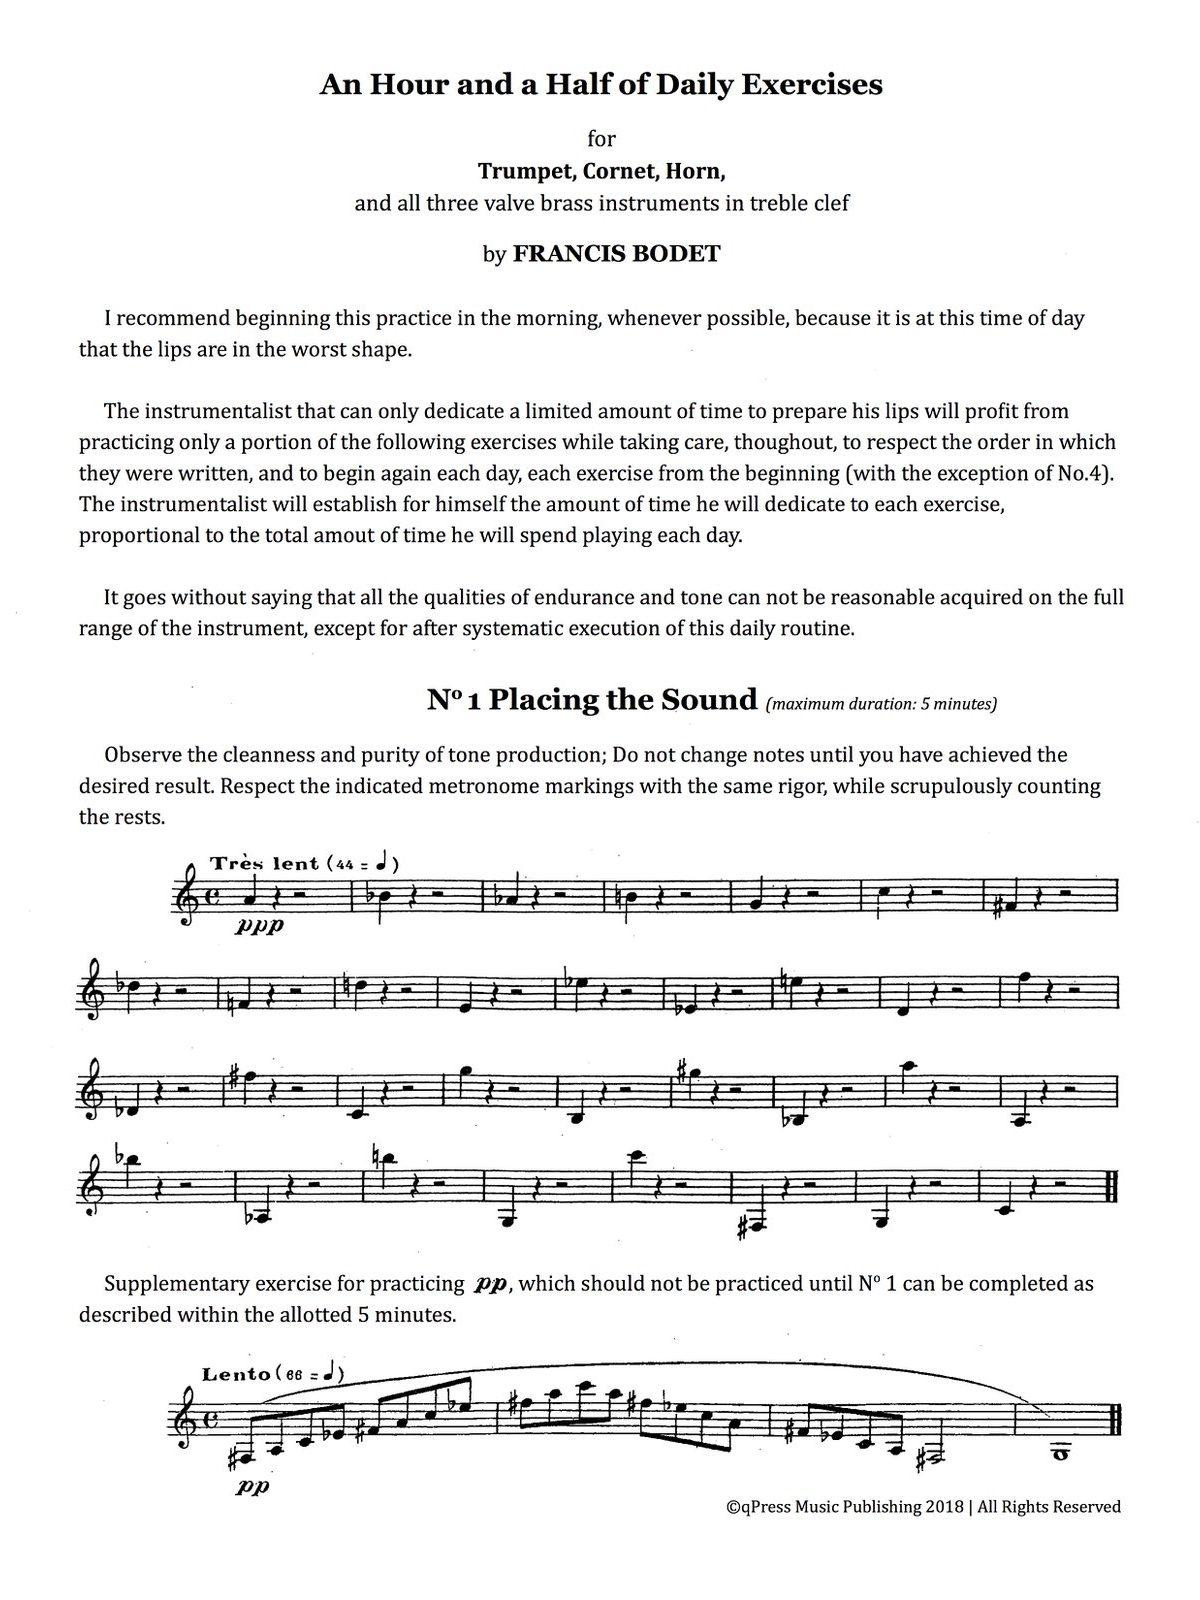 Bodet, Daily Exercises (English)-p05